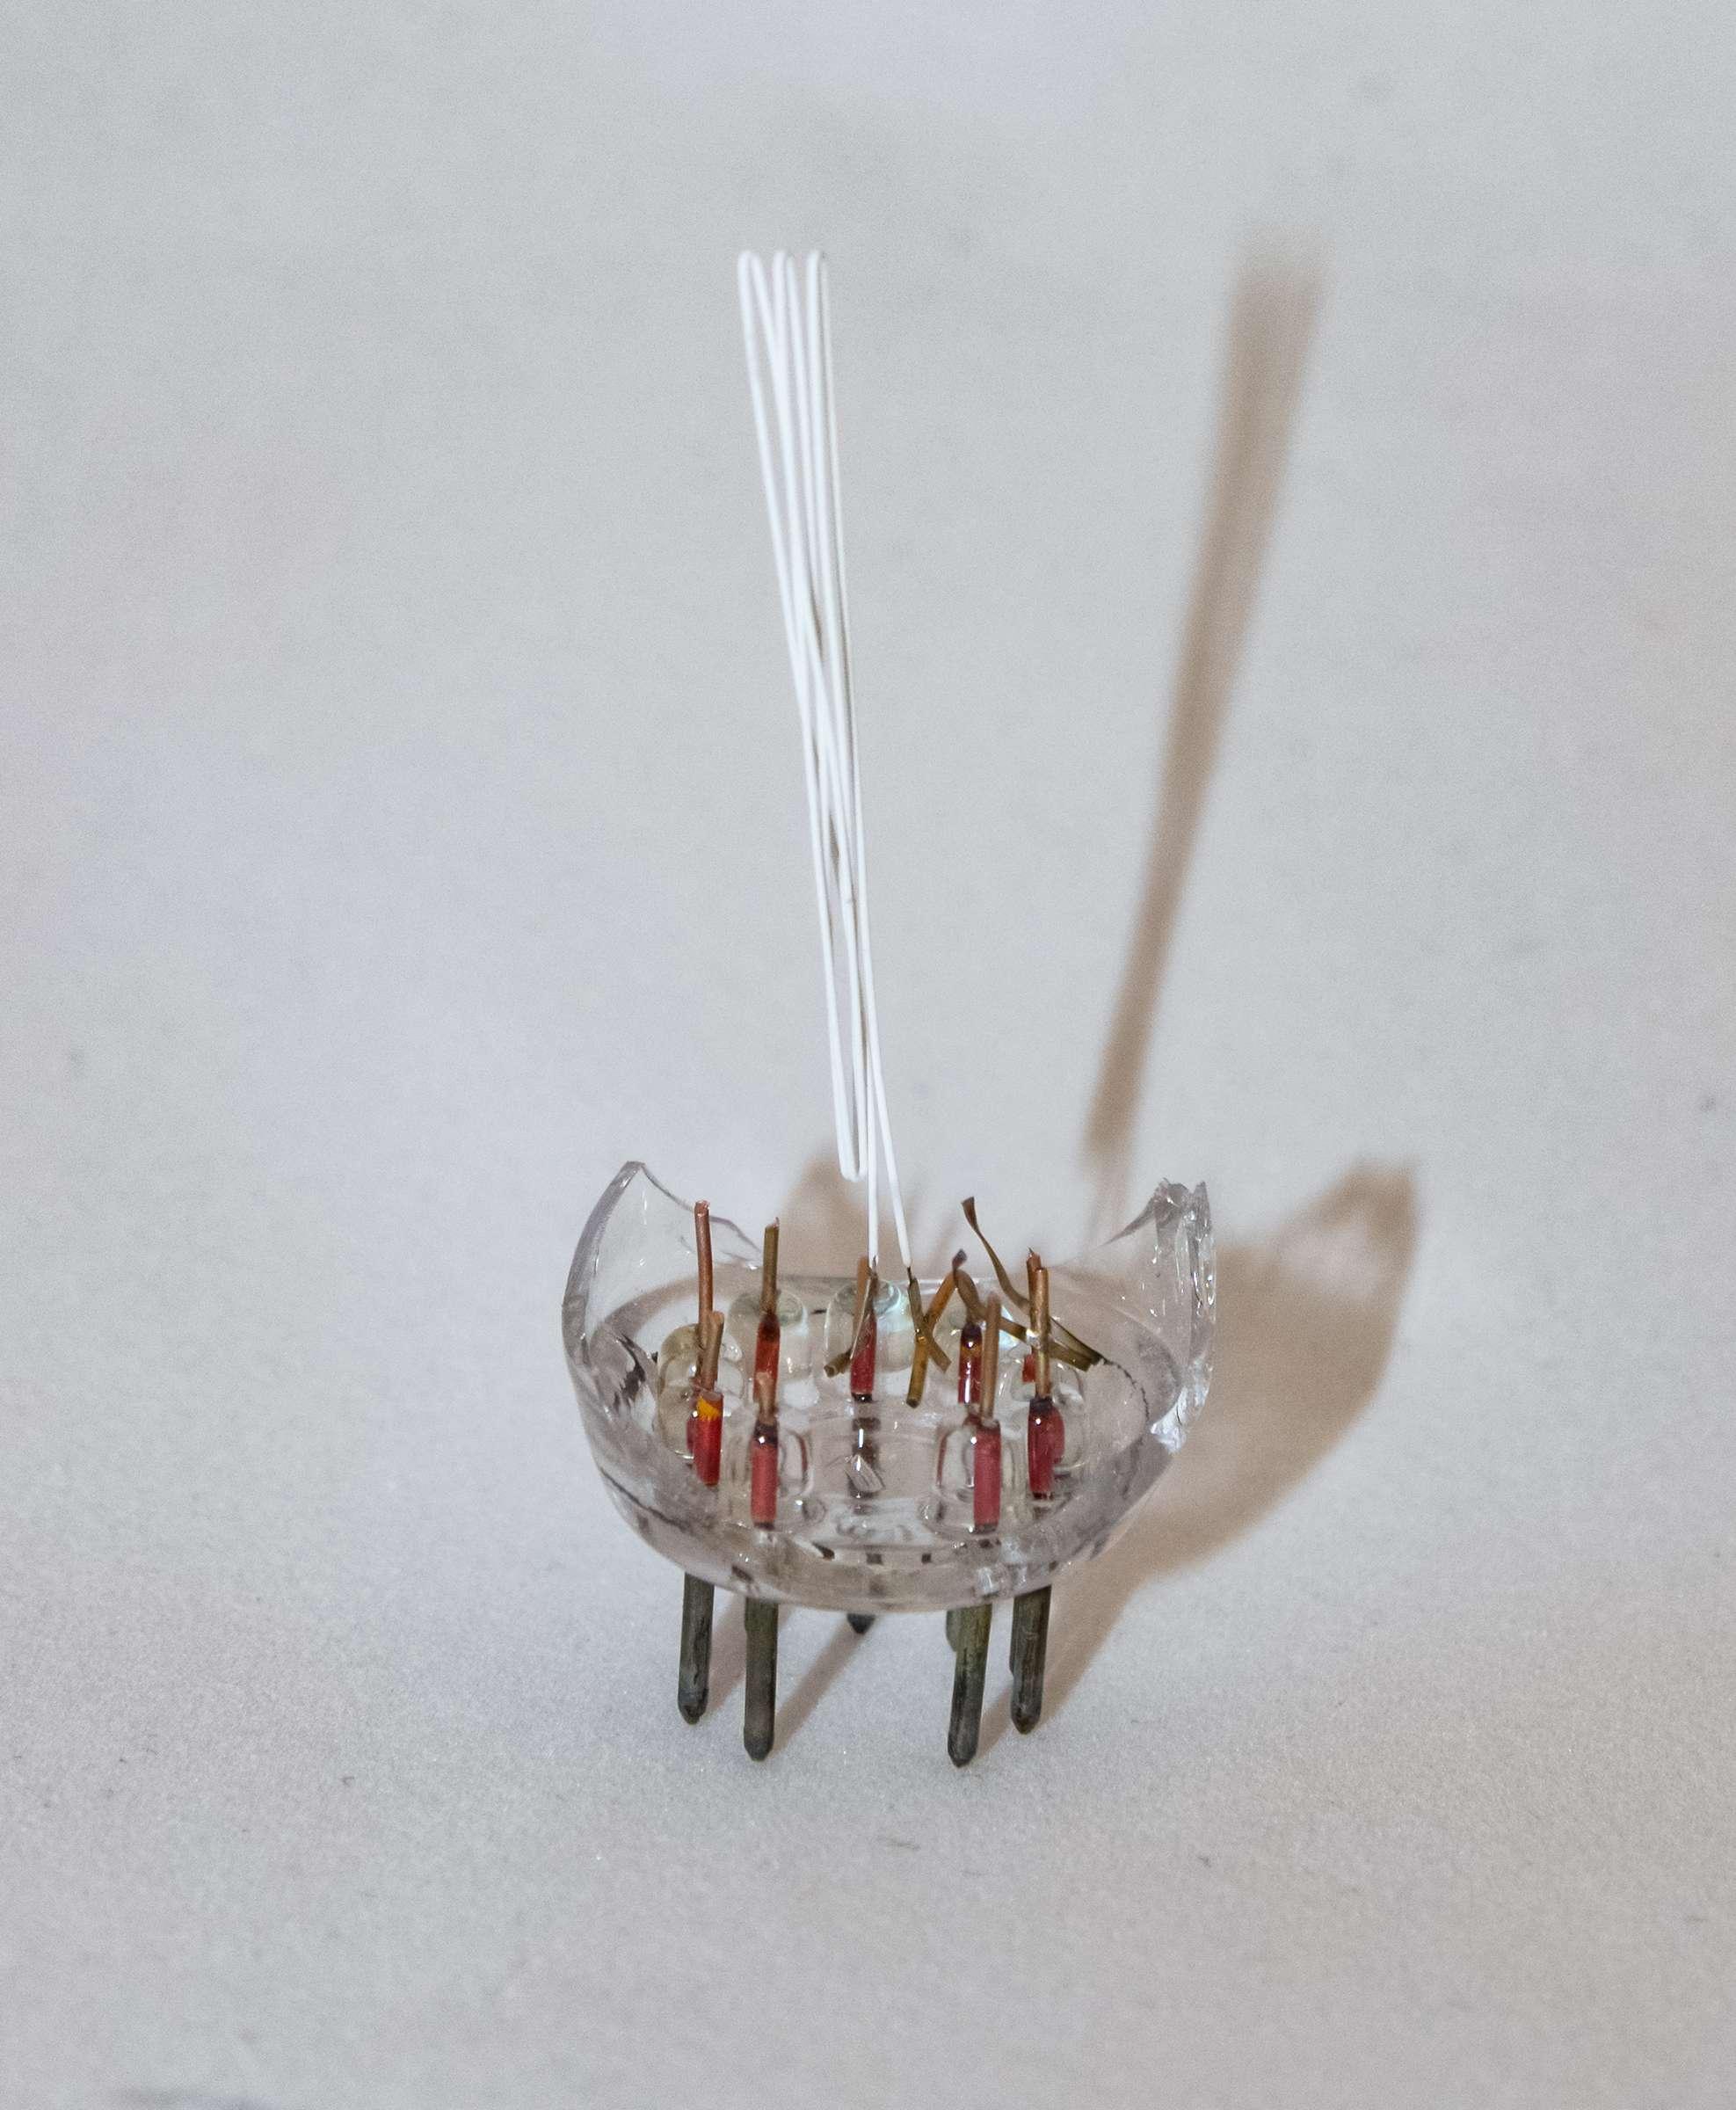 Внутреннее устройство радиолампы 6П18П